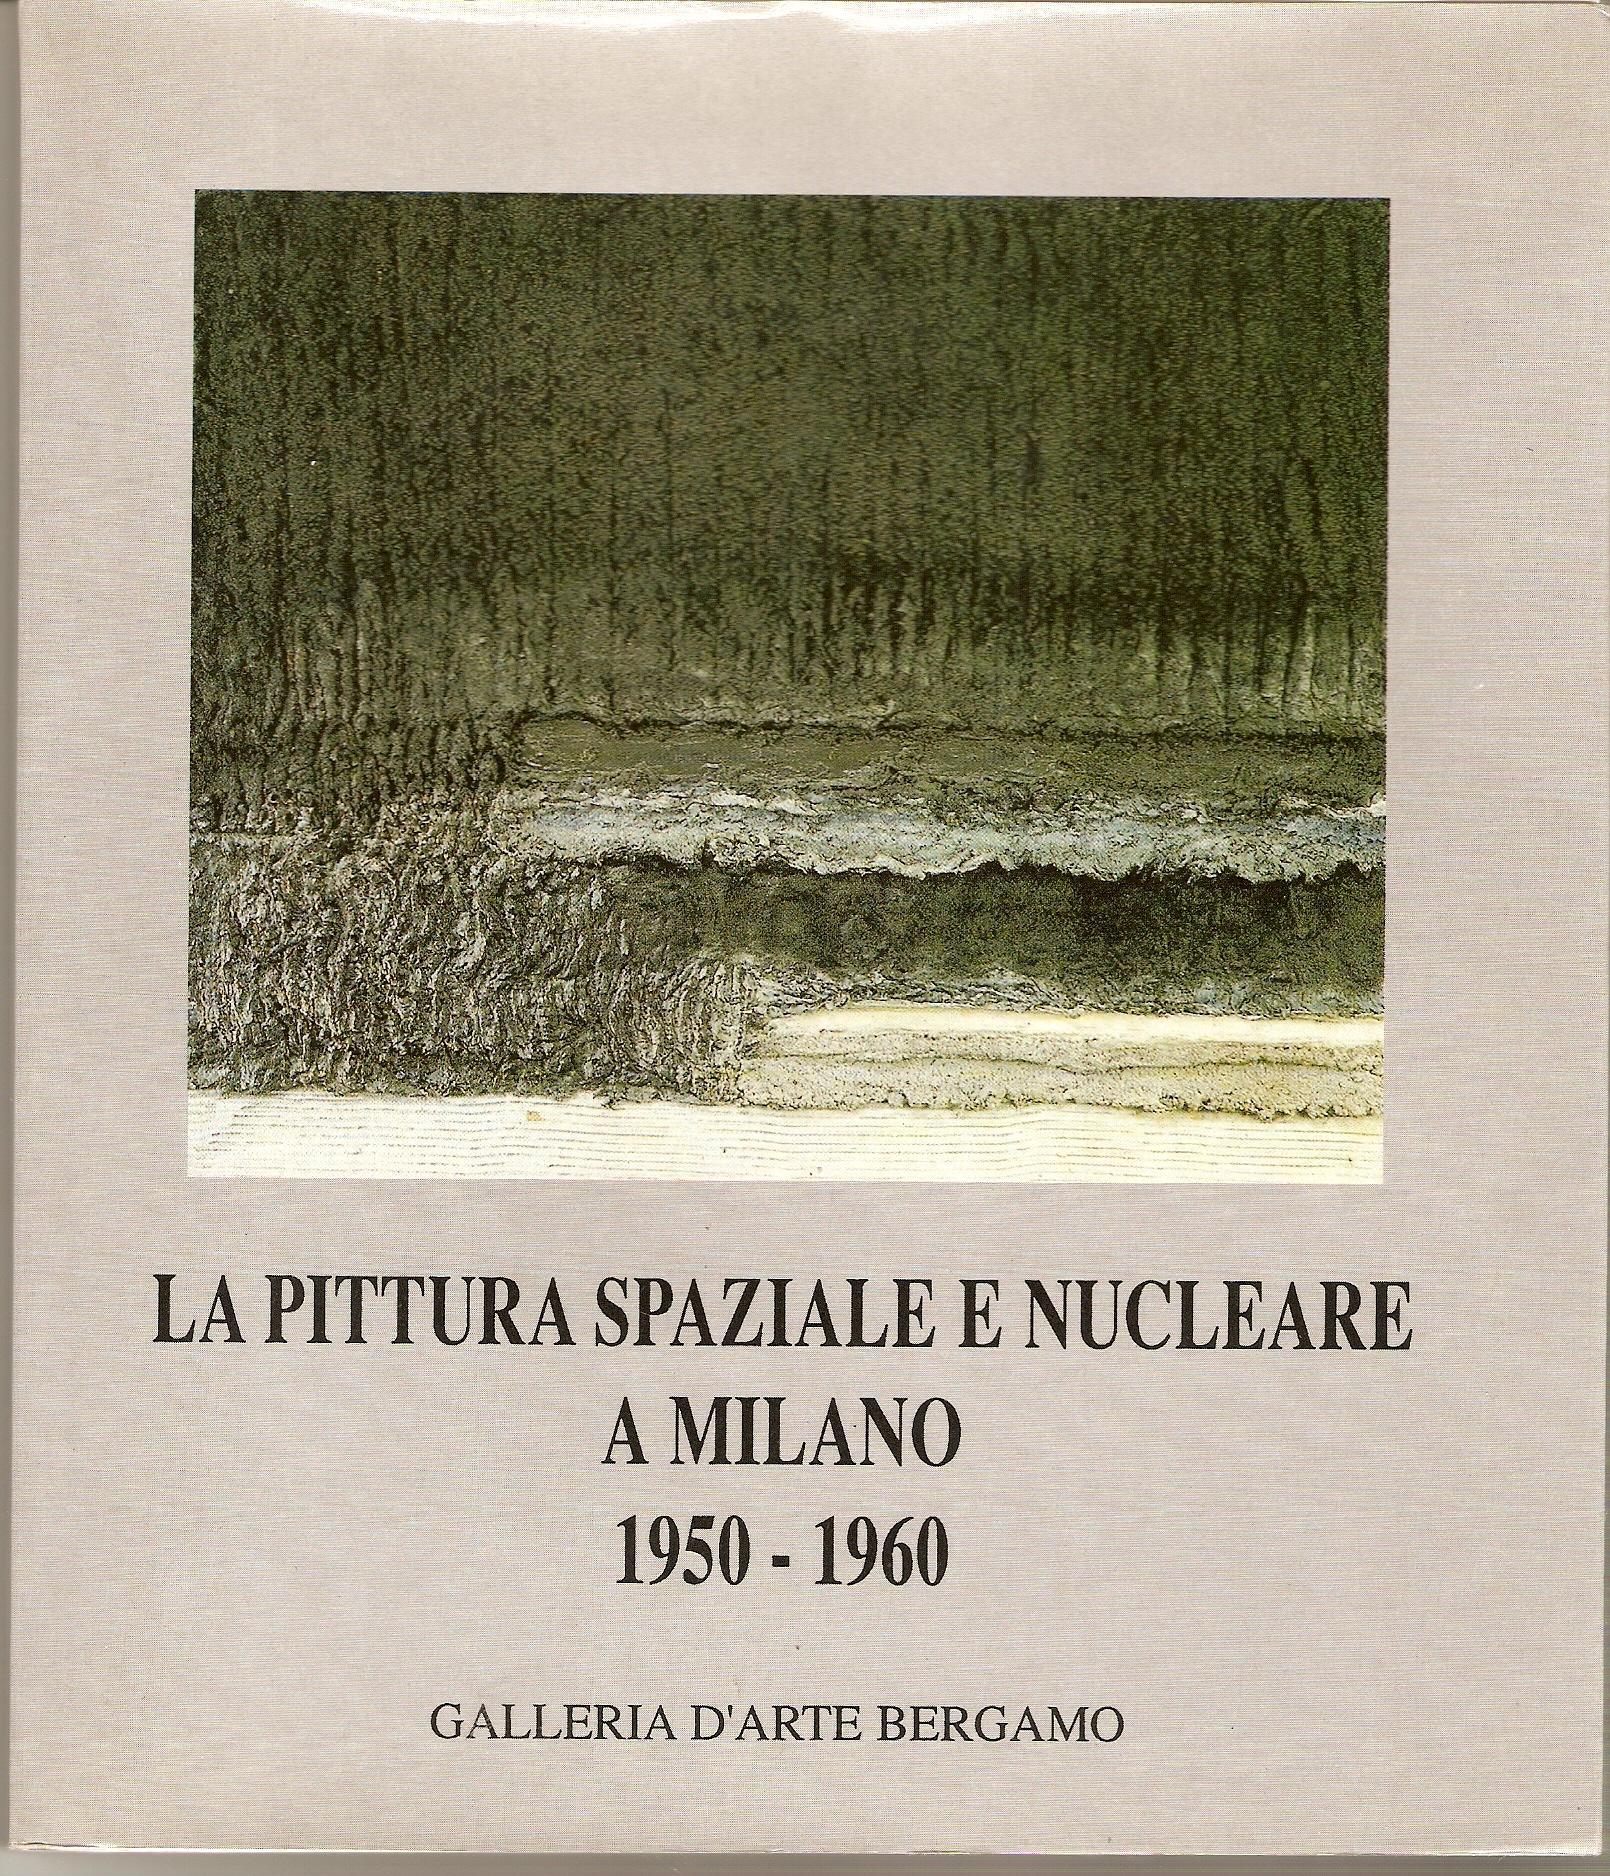 La pittura spaziale e nucleare a Milano